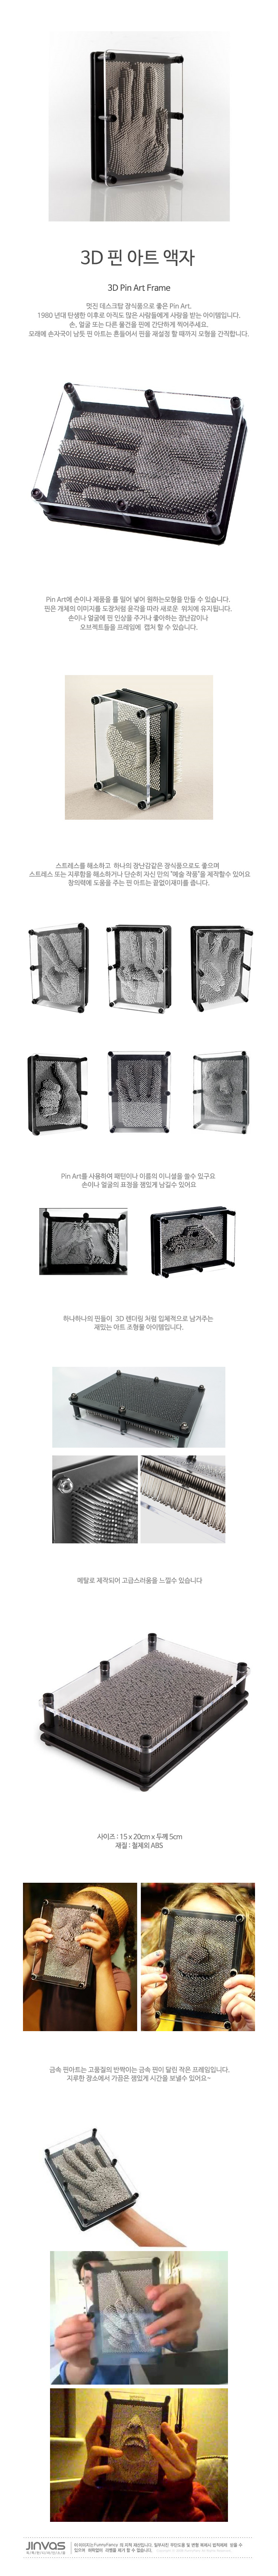 3D 핀아트 액자 - 진바스, 14,000원, 장식소품, 엔틱오브제